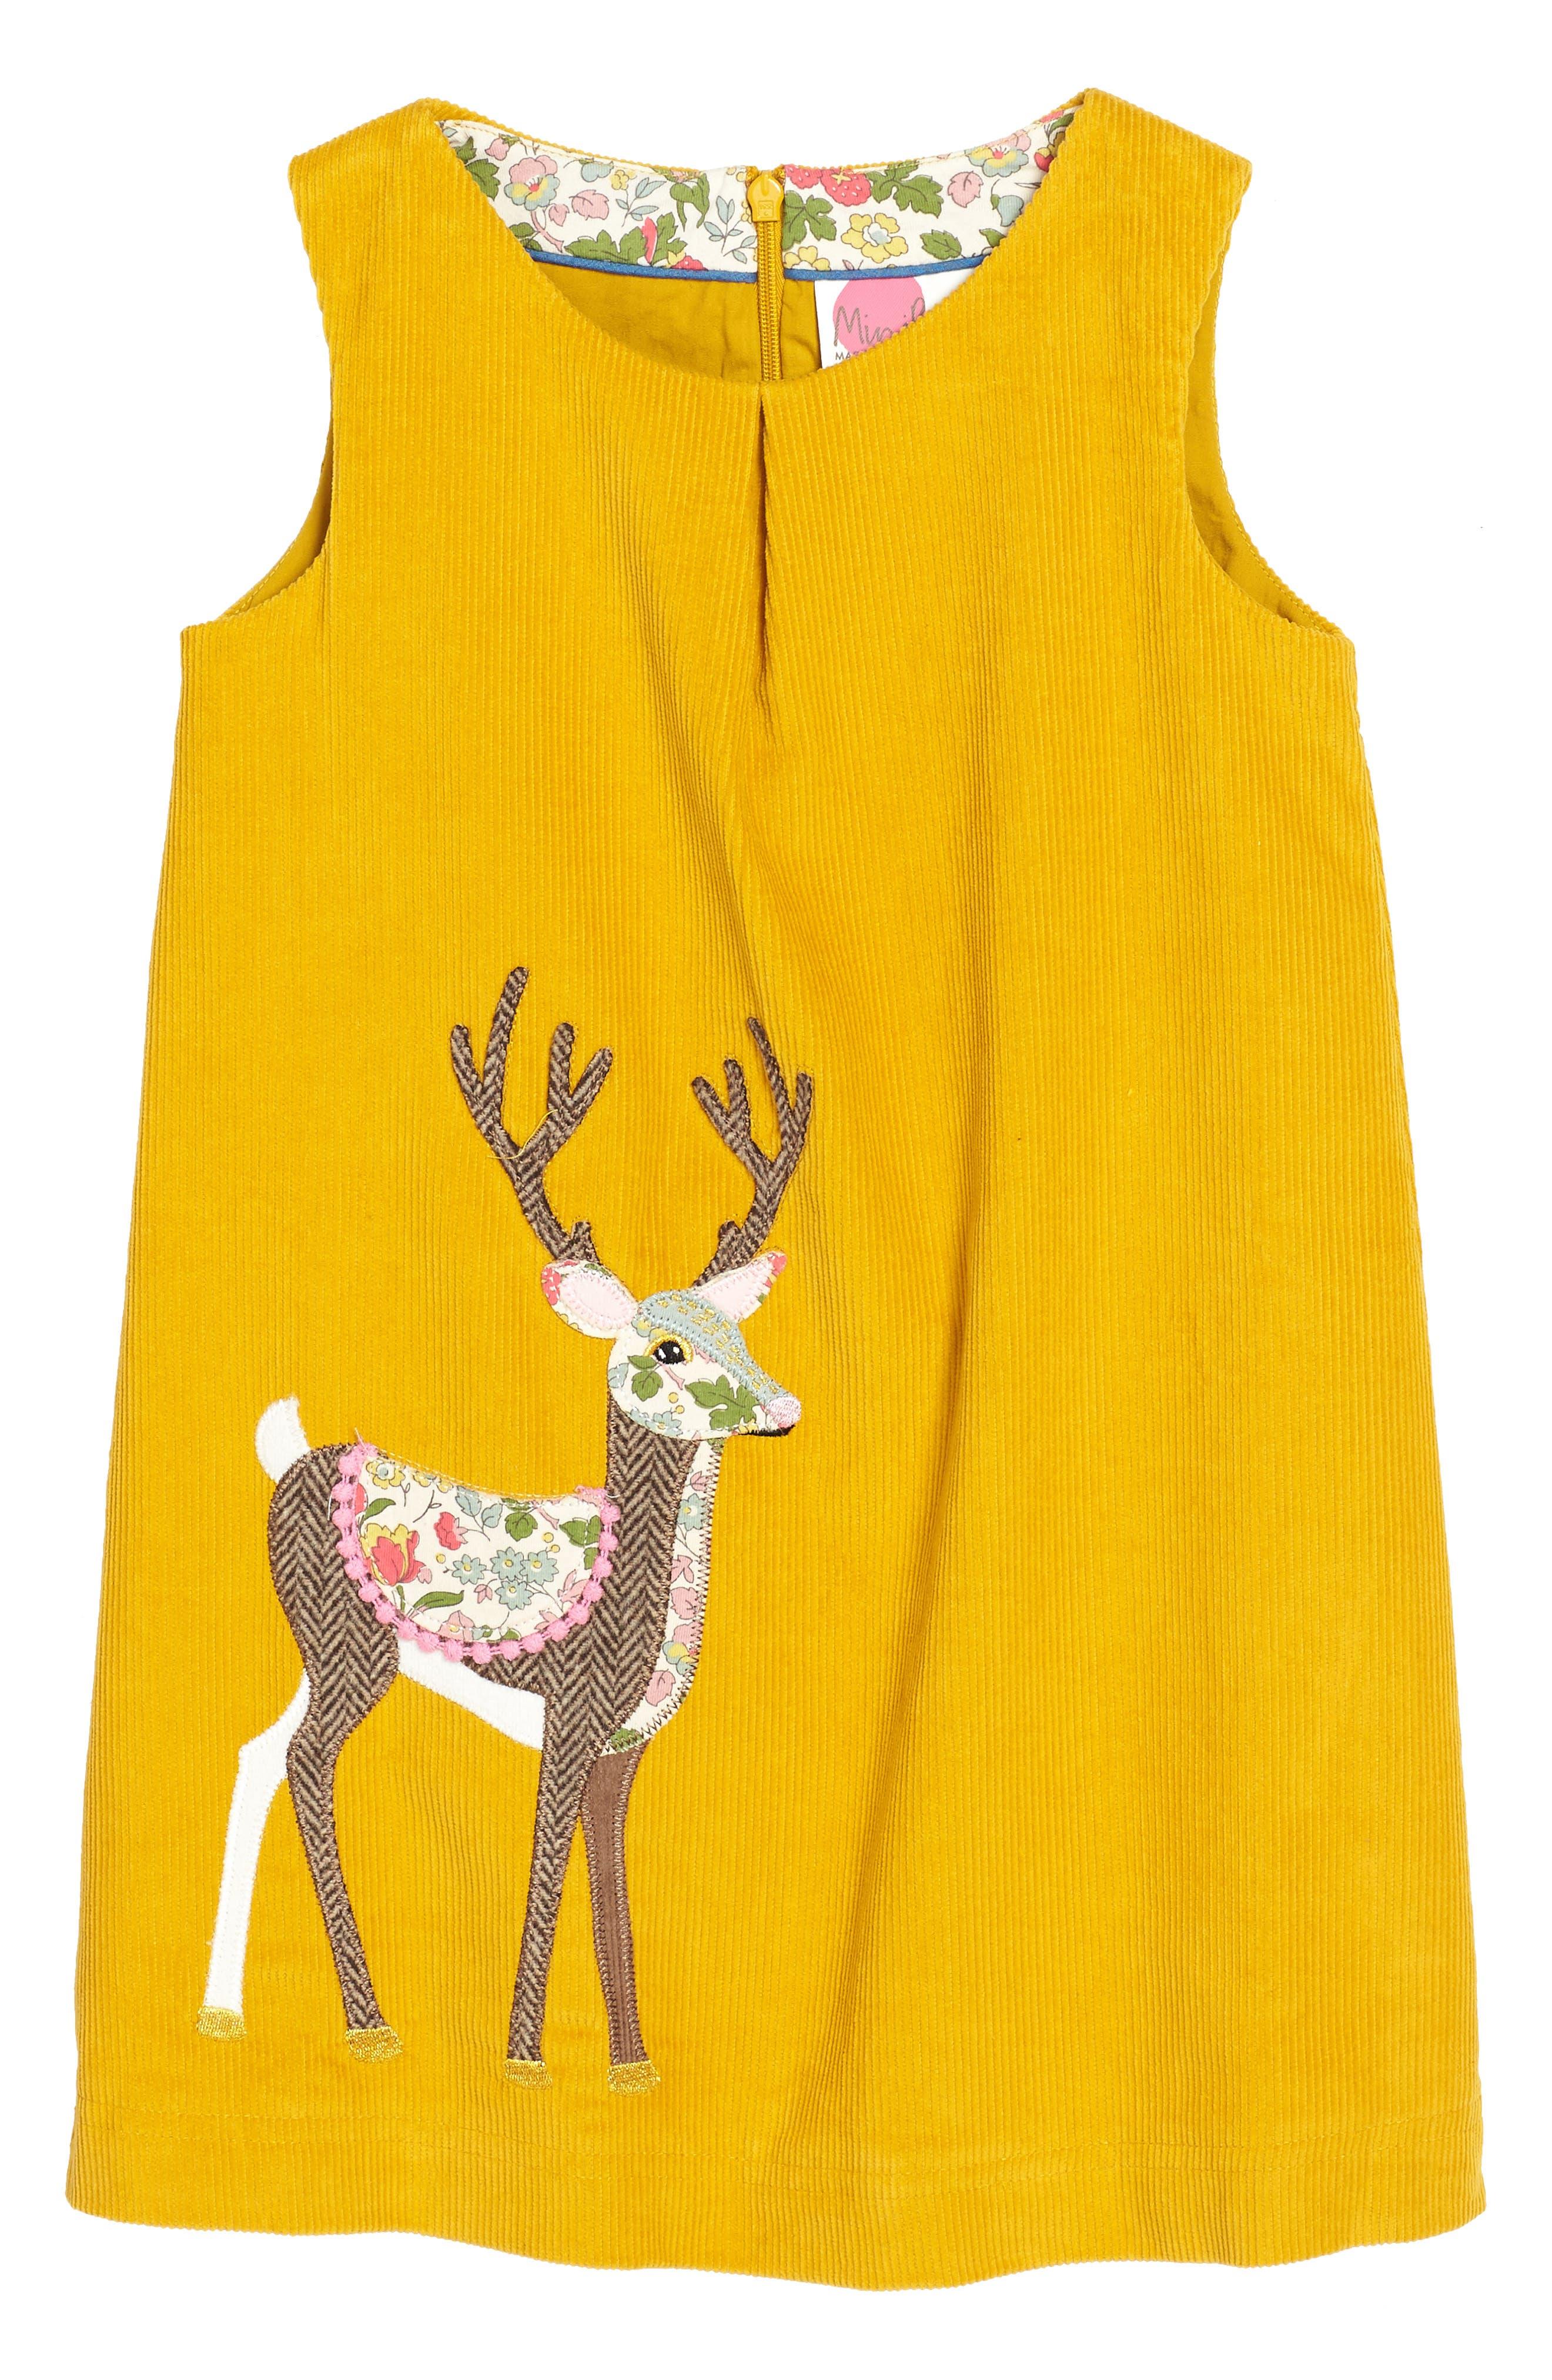 Alternate Image 1 Selected - Mini Boden Animal Appliqué Dress (Toddler Girls, Little Girls & Big Girls)